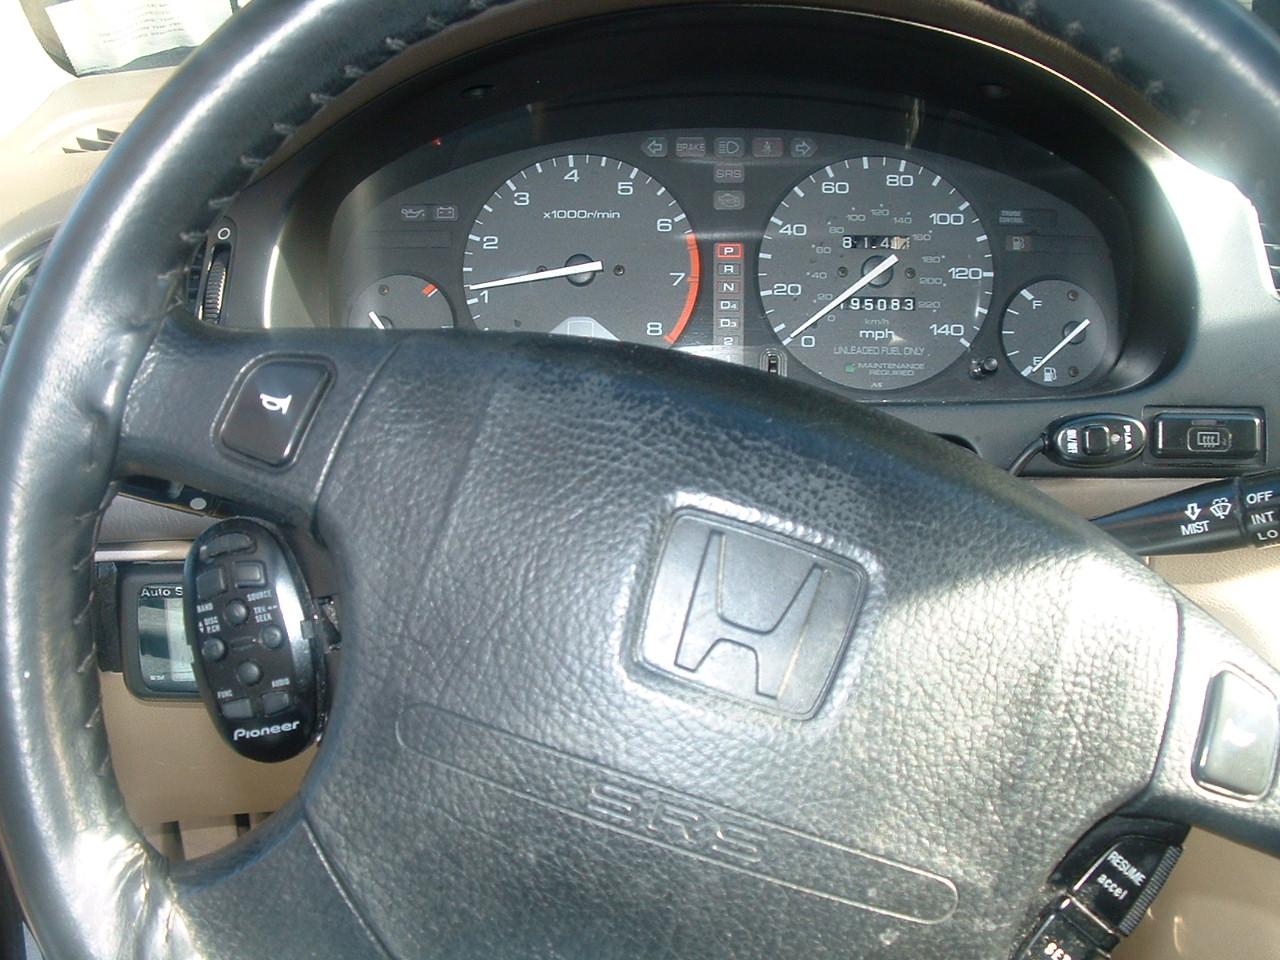 pioneer steering wheel remote